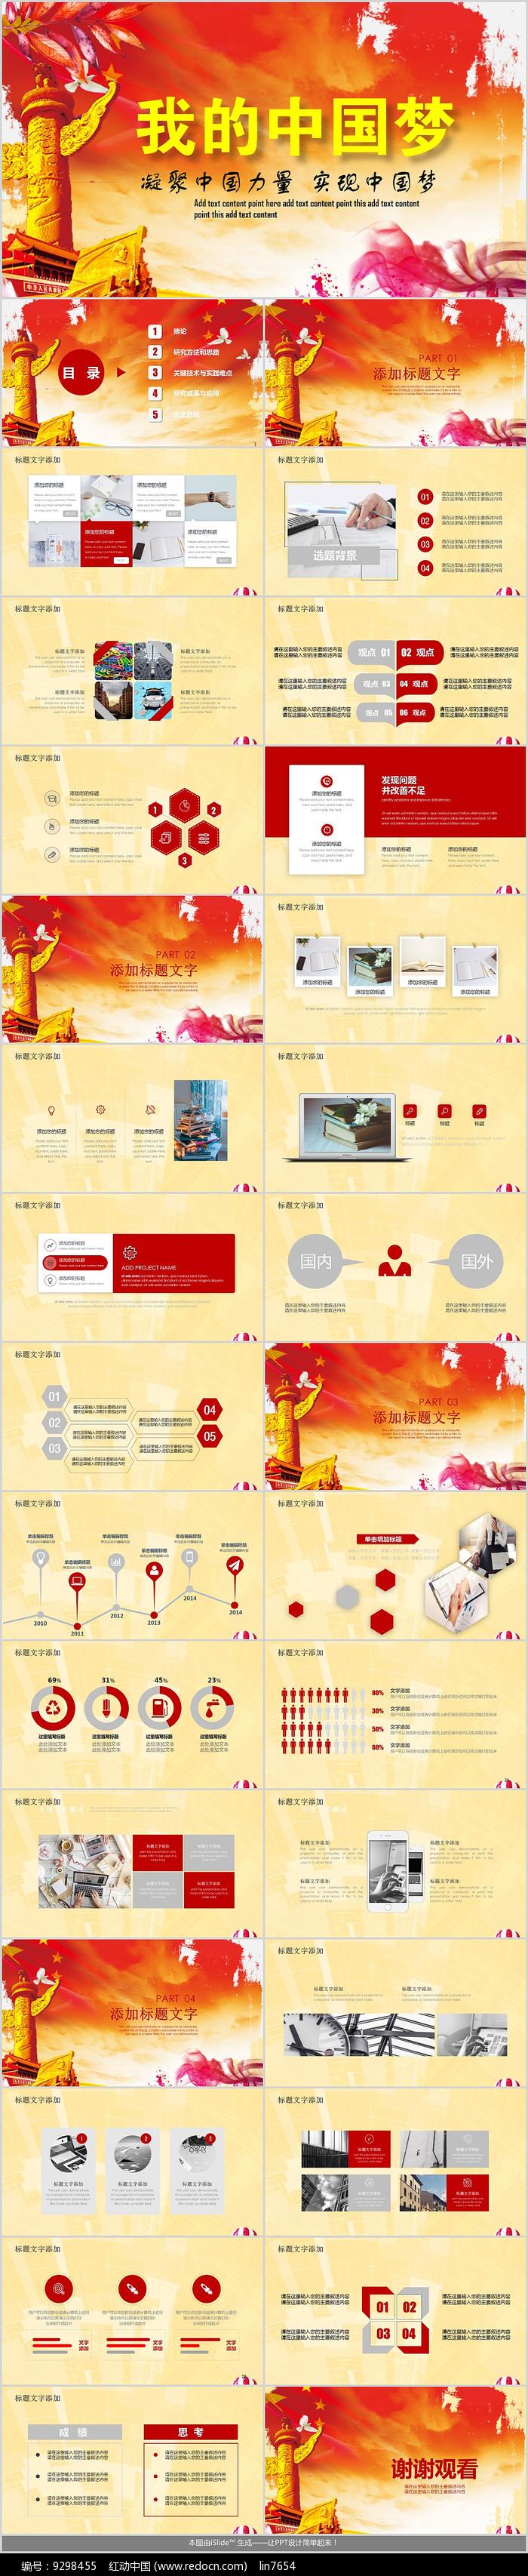 党政中国梦PPT模板图片